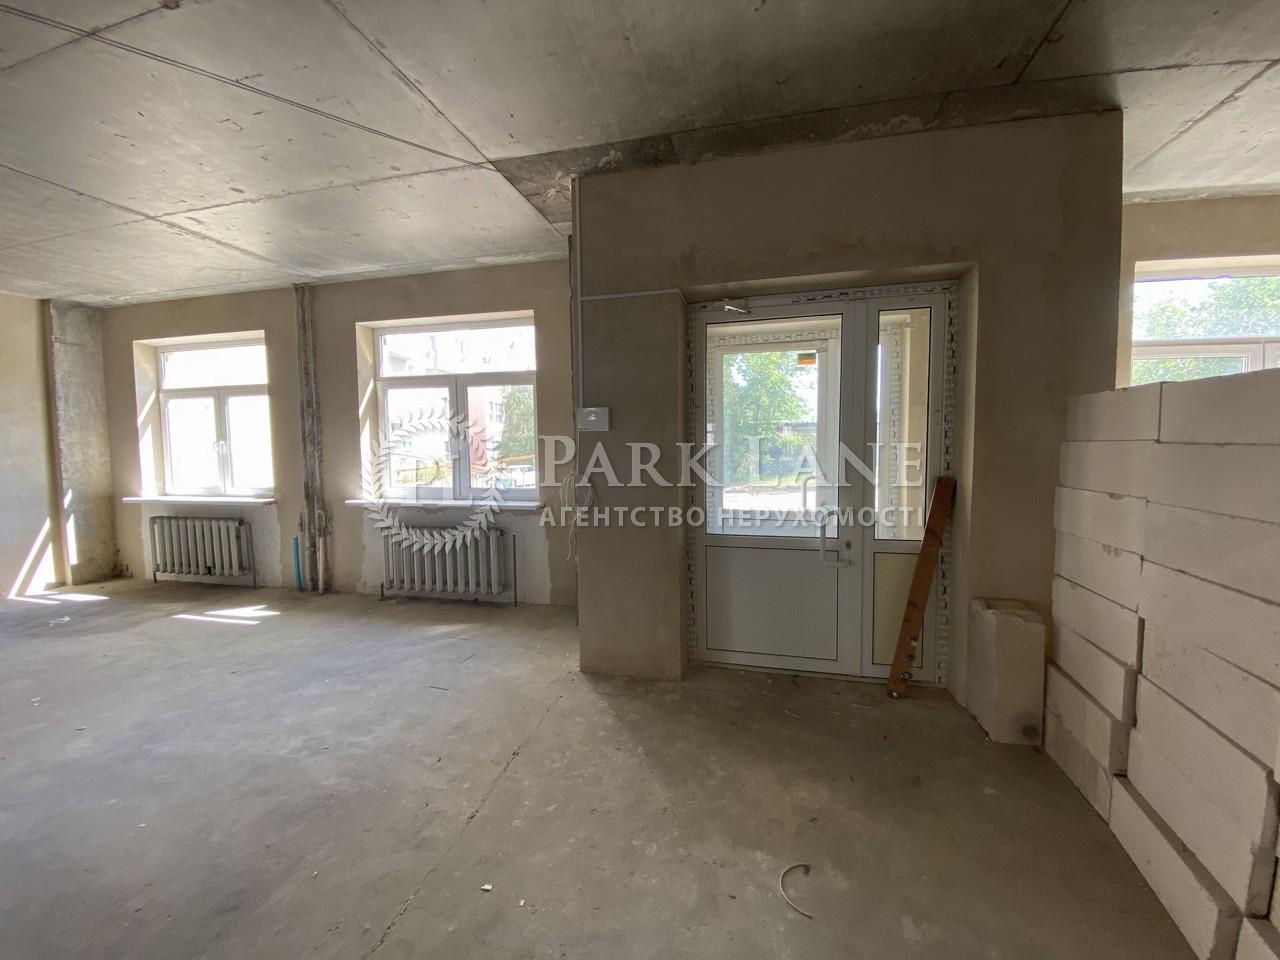 Нежилое помещение, ул. Кадетский Гай, Киев, B-101157 - Фото 7